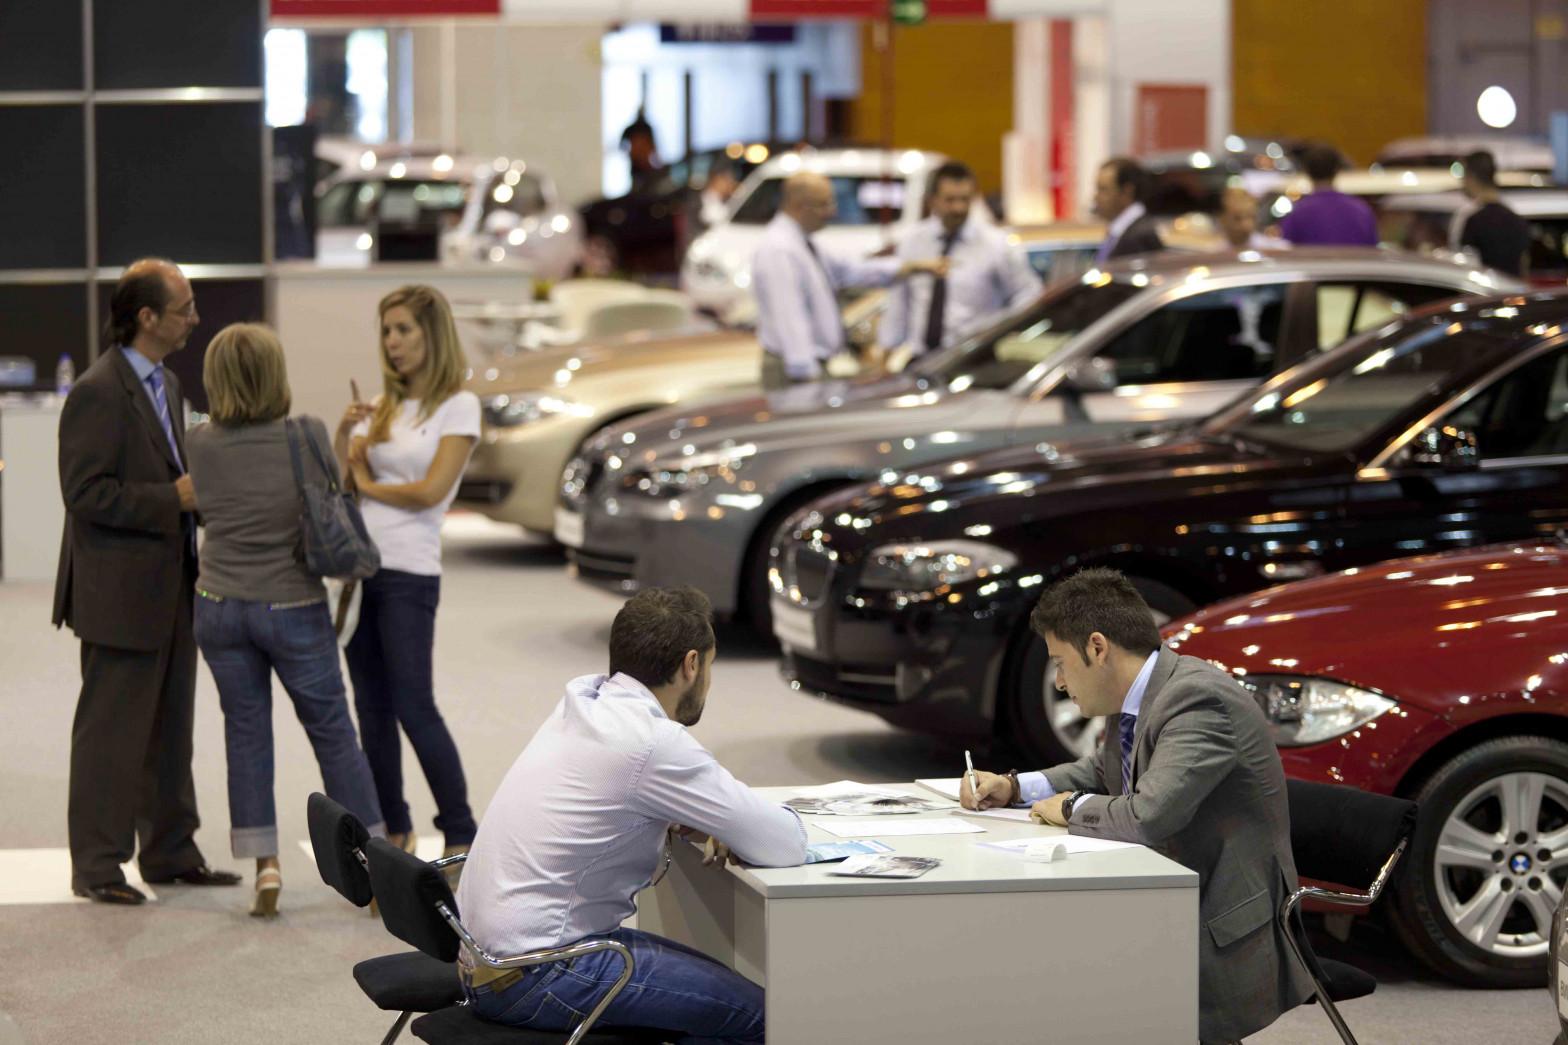 De enero a abril se vendieron en España casi el triple de coches usados que nuevos